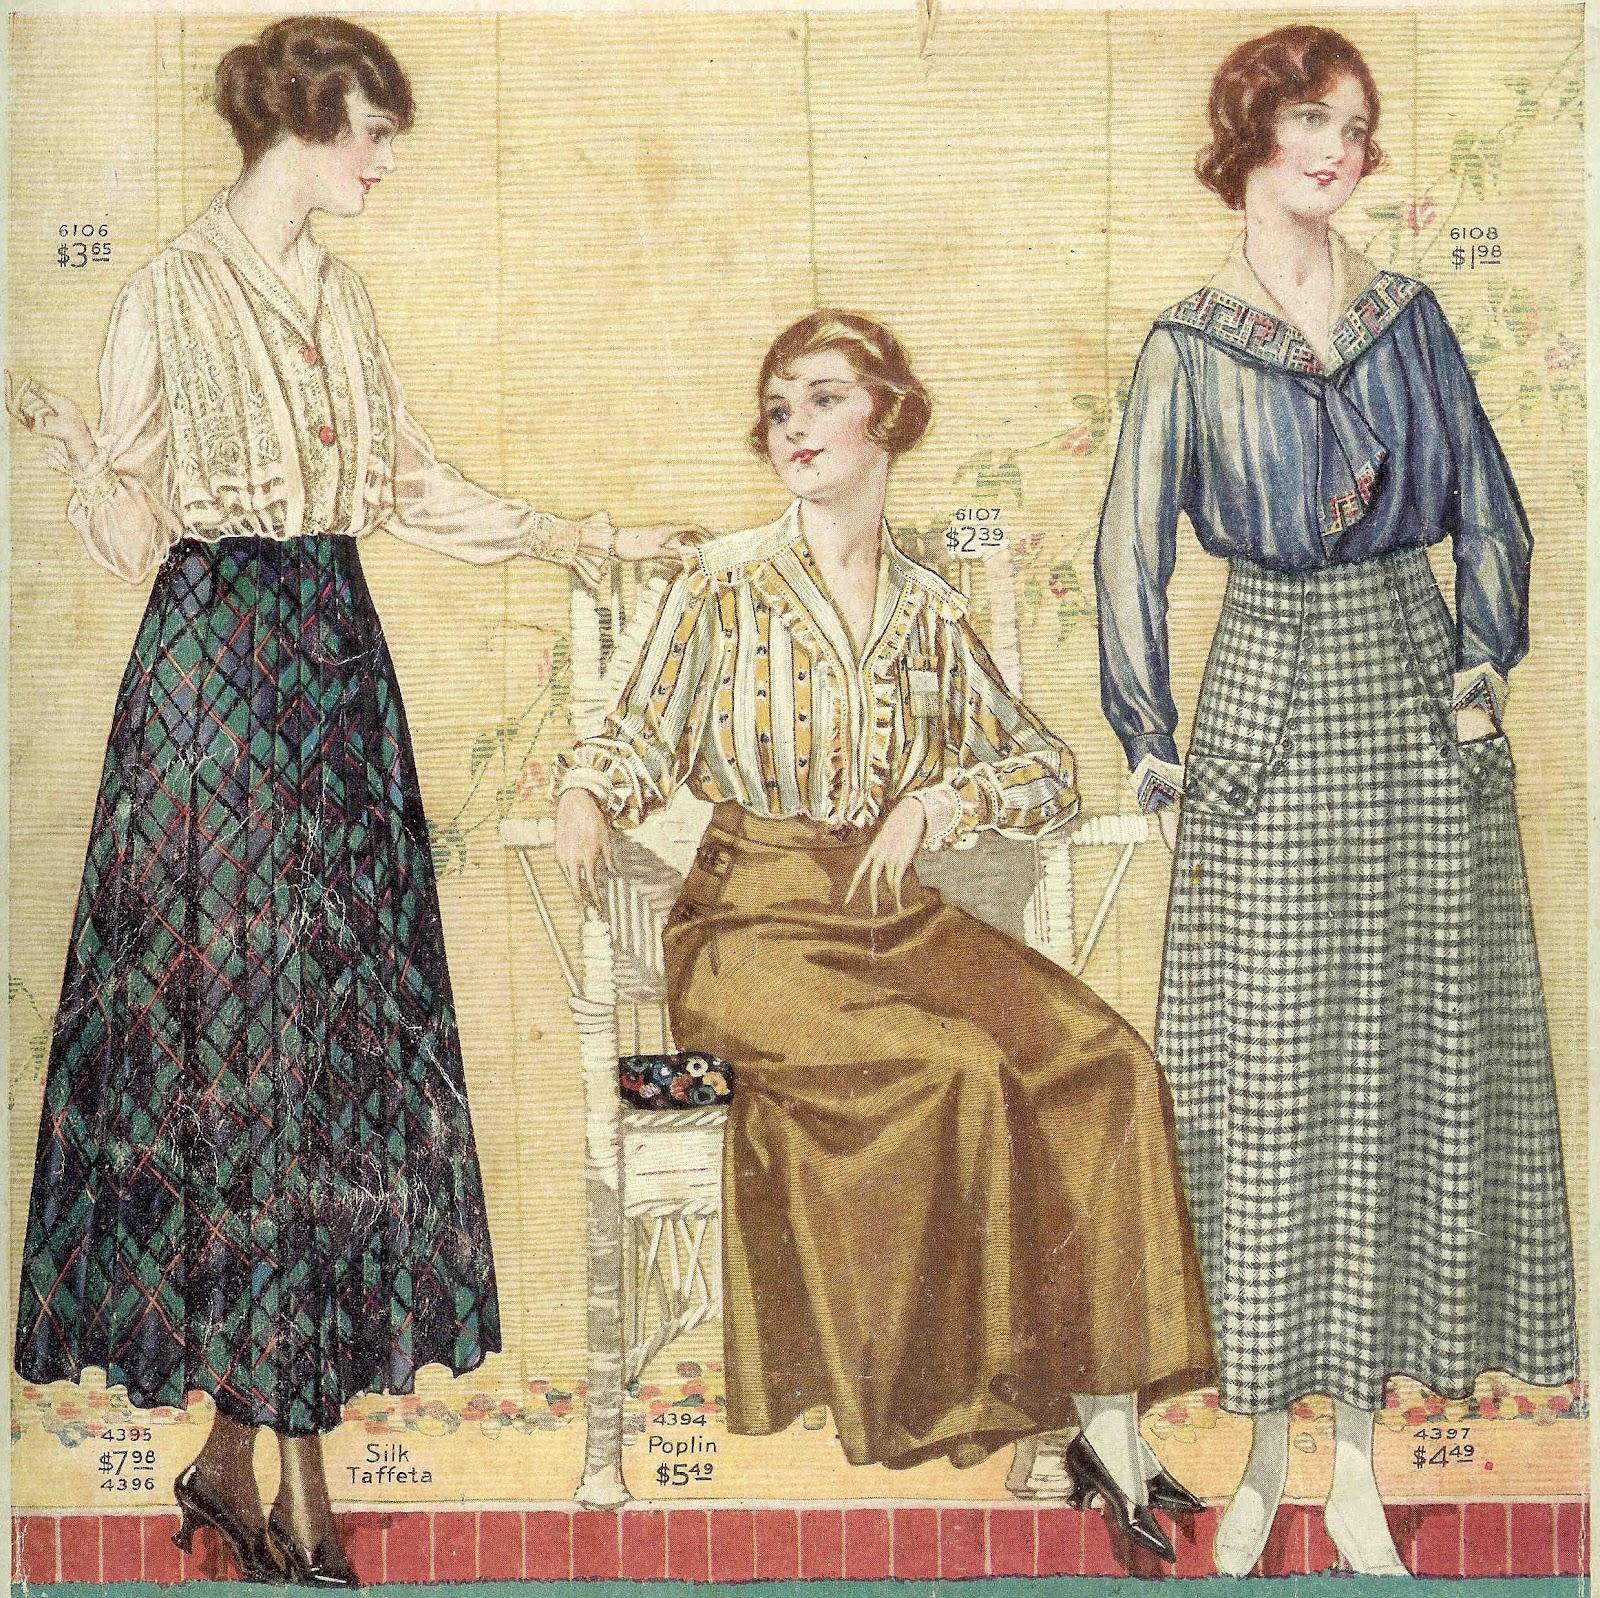 antique images vintage fashion graphic womens vintage